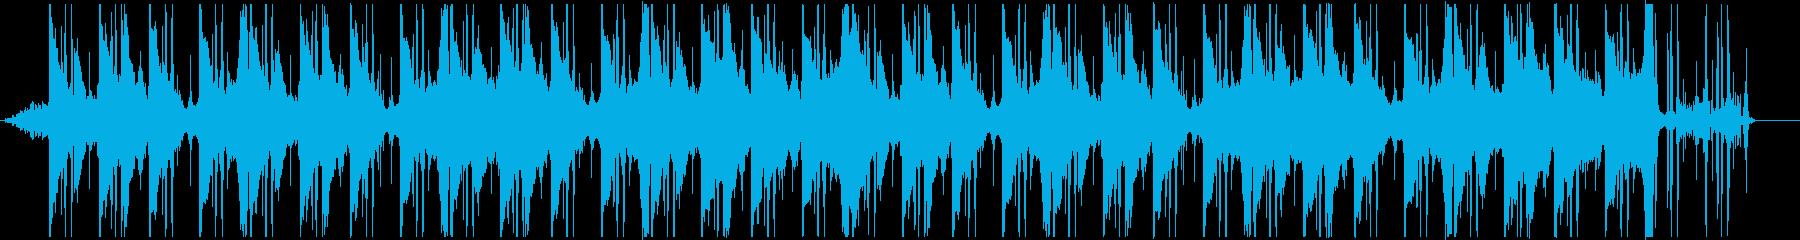 余韻のあるアンビ系チル、Lo-fiの再生済みの波形